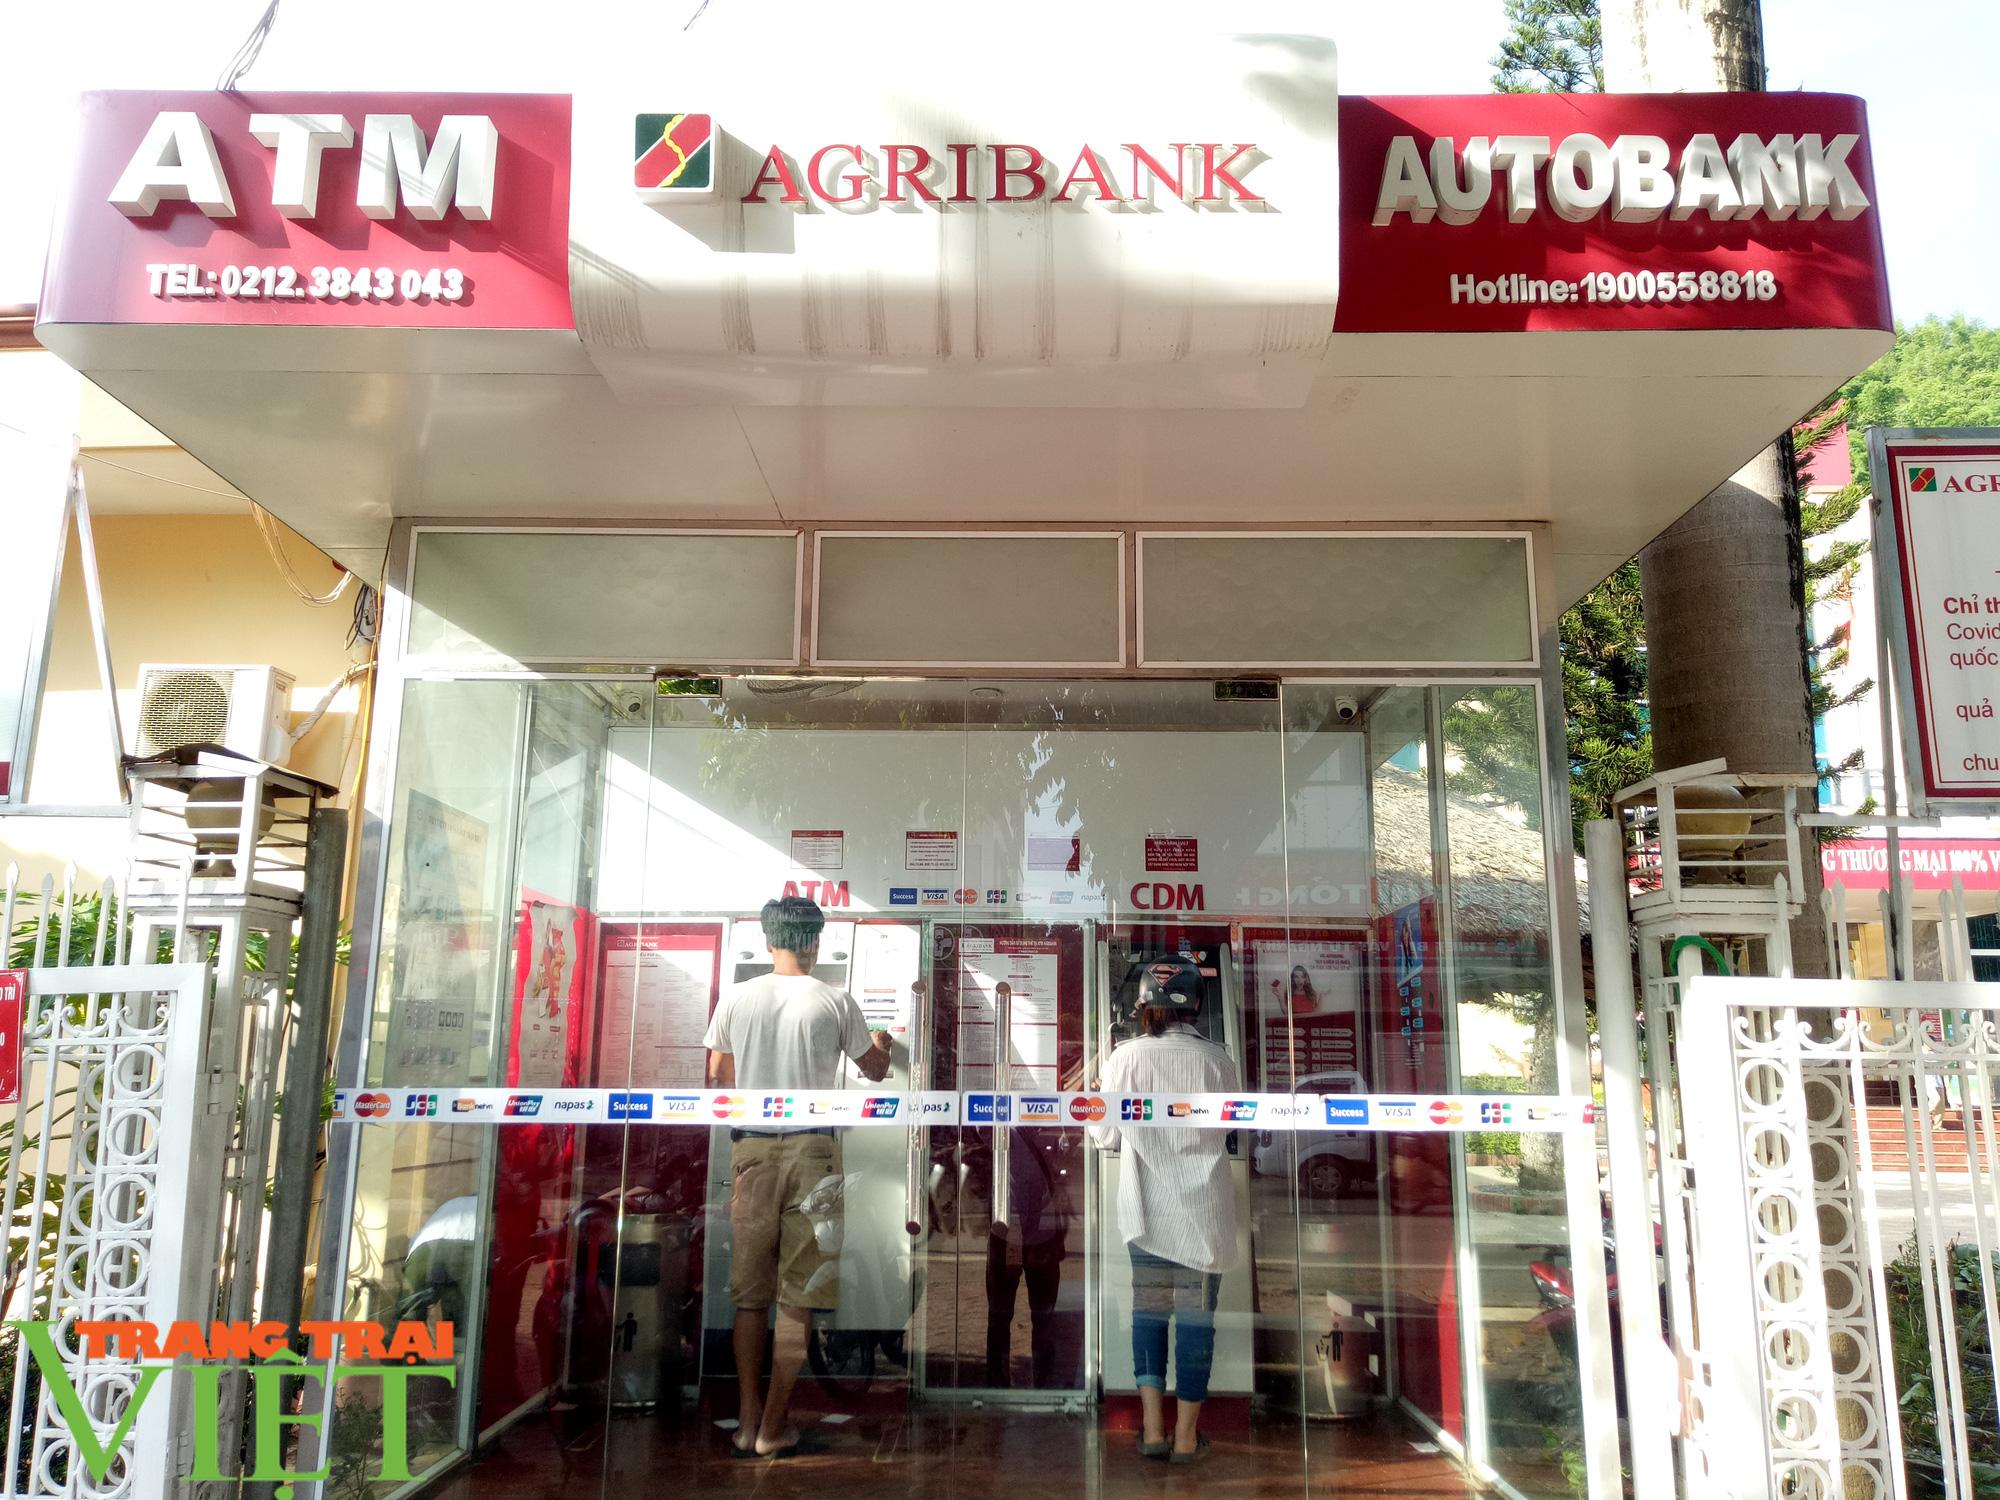 Những lợi ích vượt trội của máy CDM Agribank Mai Sơn - Ảnh 1.